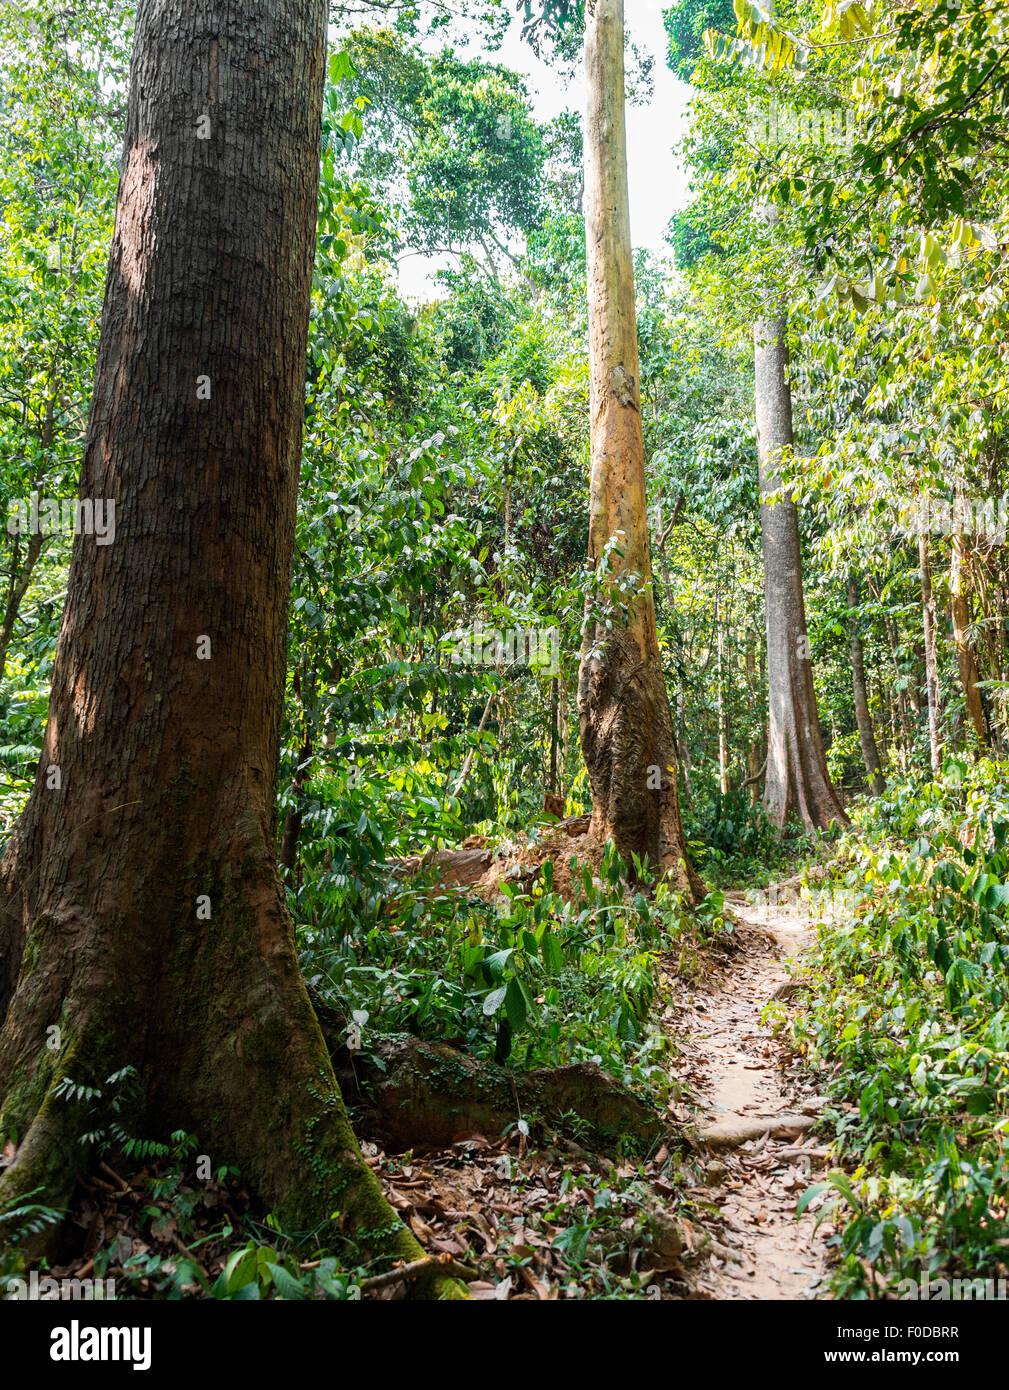 Trail in the jungle, Kuala Tahan, Taman Negara, Malaysia - Stock Image